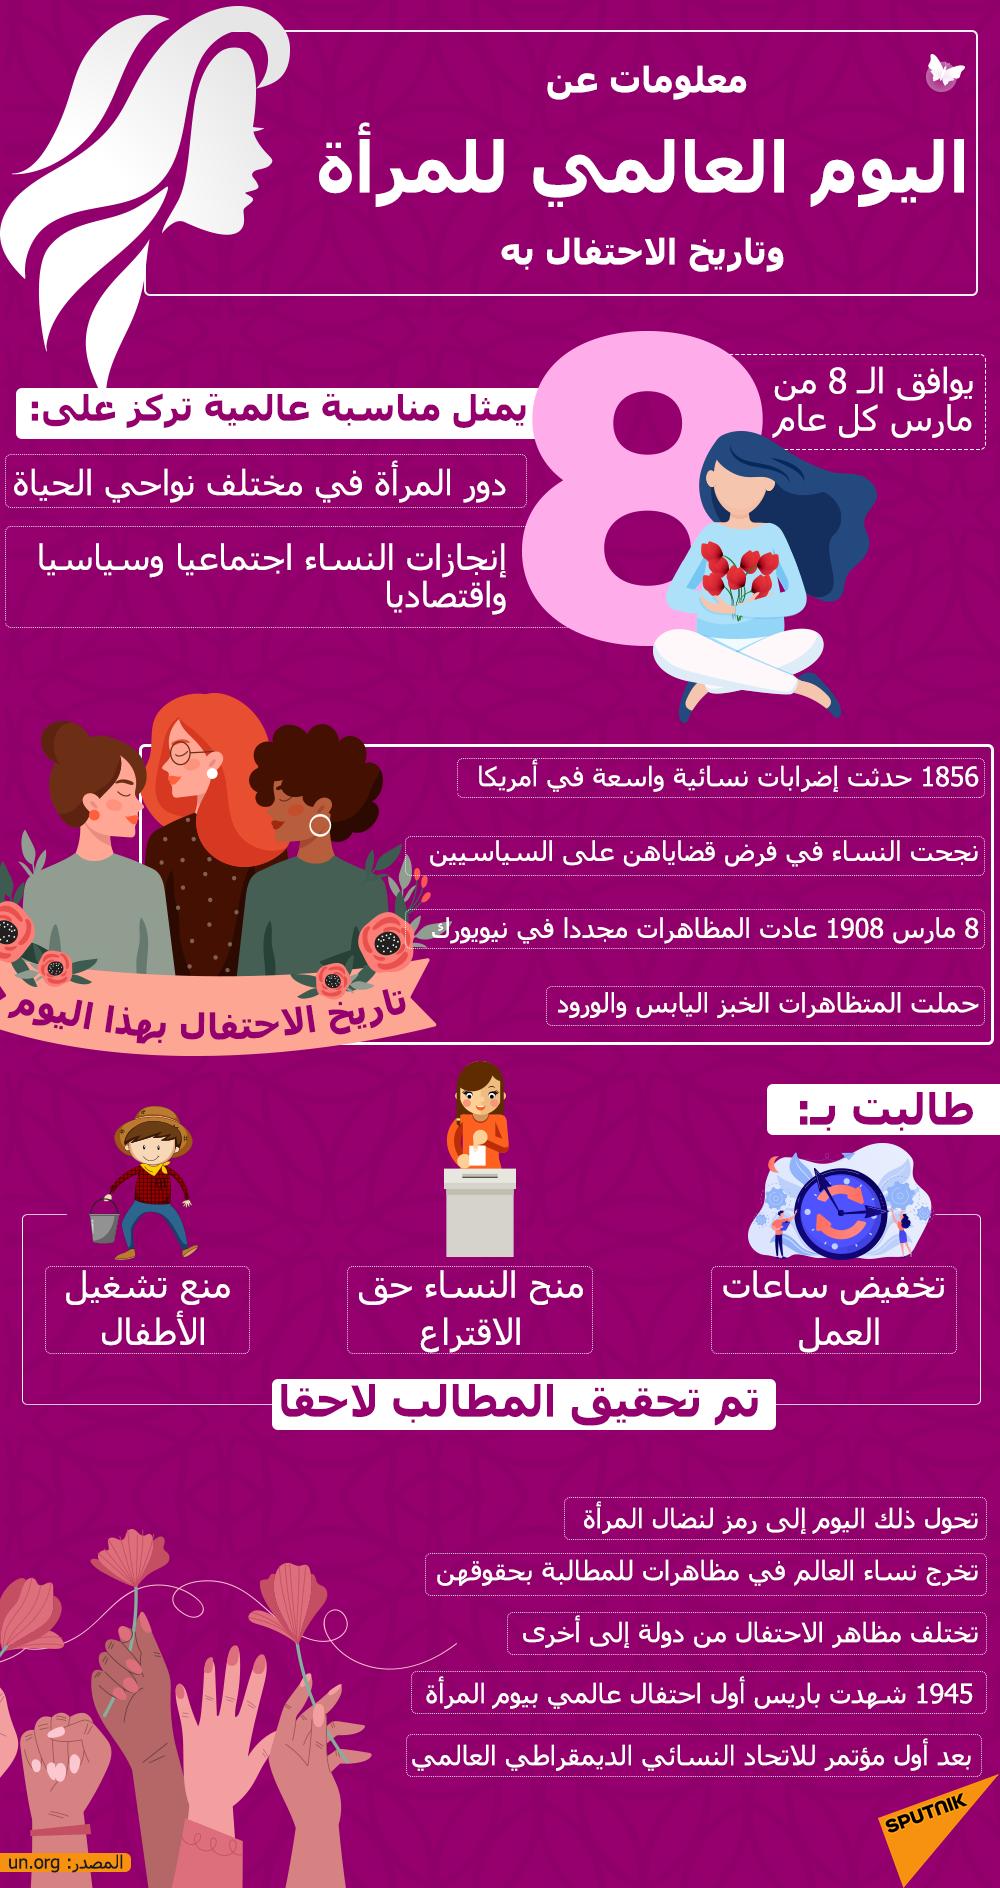 معلومات عن اليوم العالمي للمرأة وتاريخ الاحتفال به